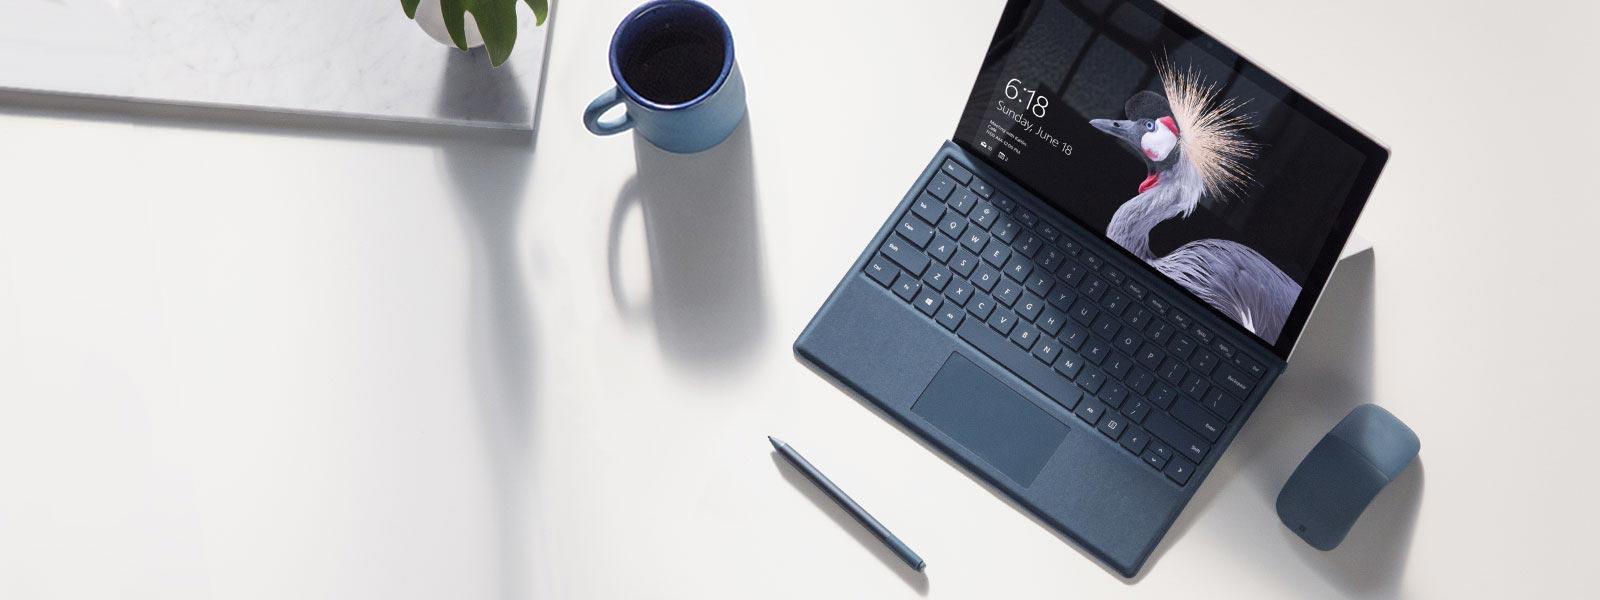 A Surface Pro on a desk